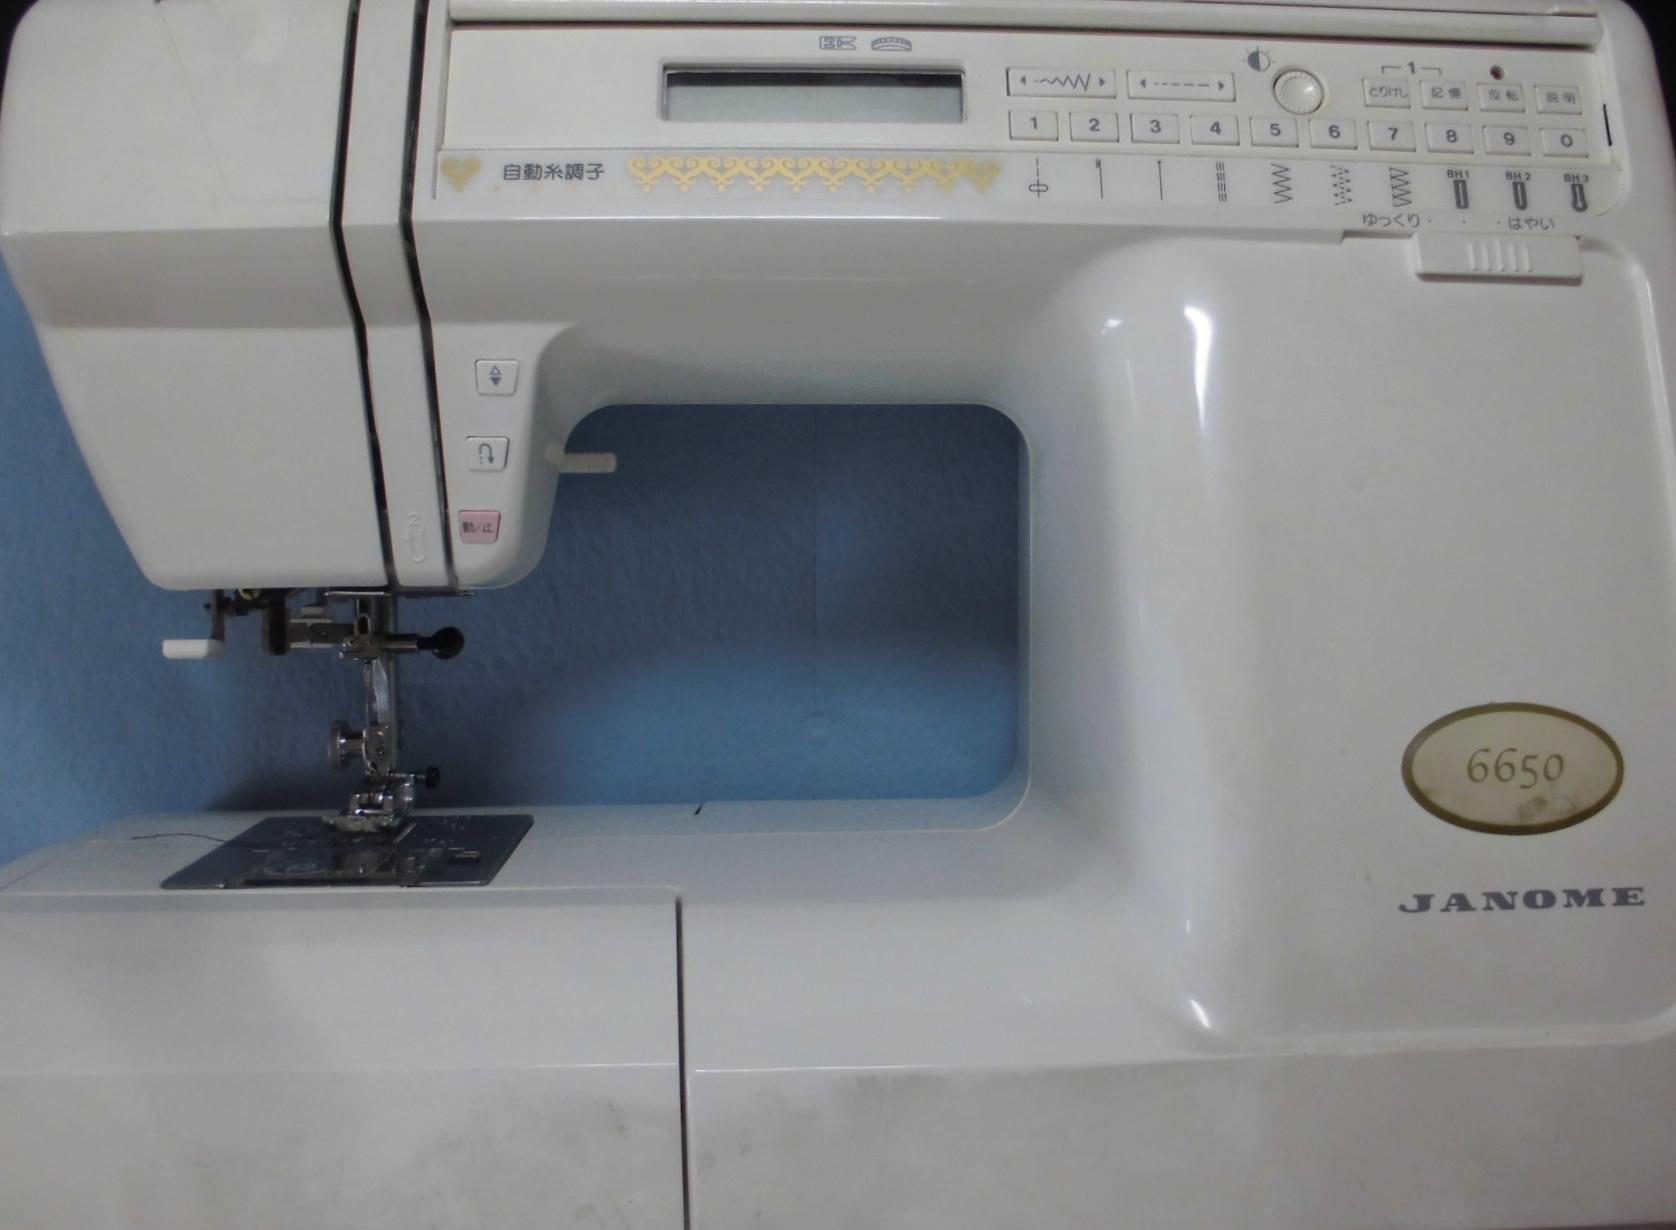 ジャノメミシン修理|6650|縫えない、動かない、固着、布を正常に送らない